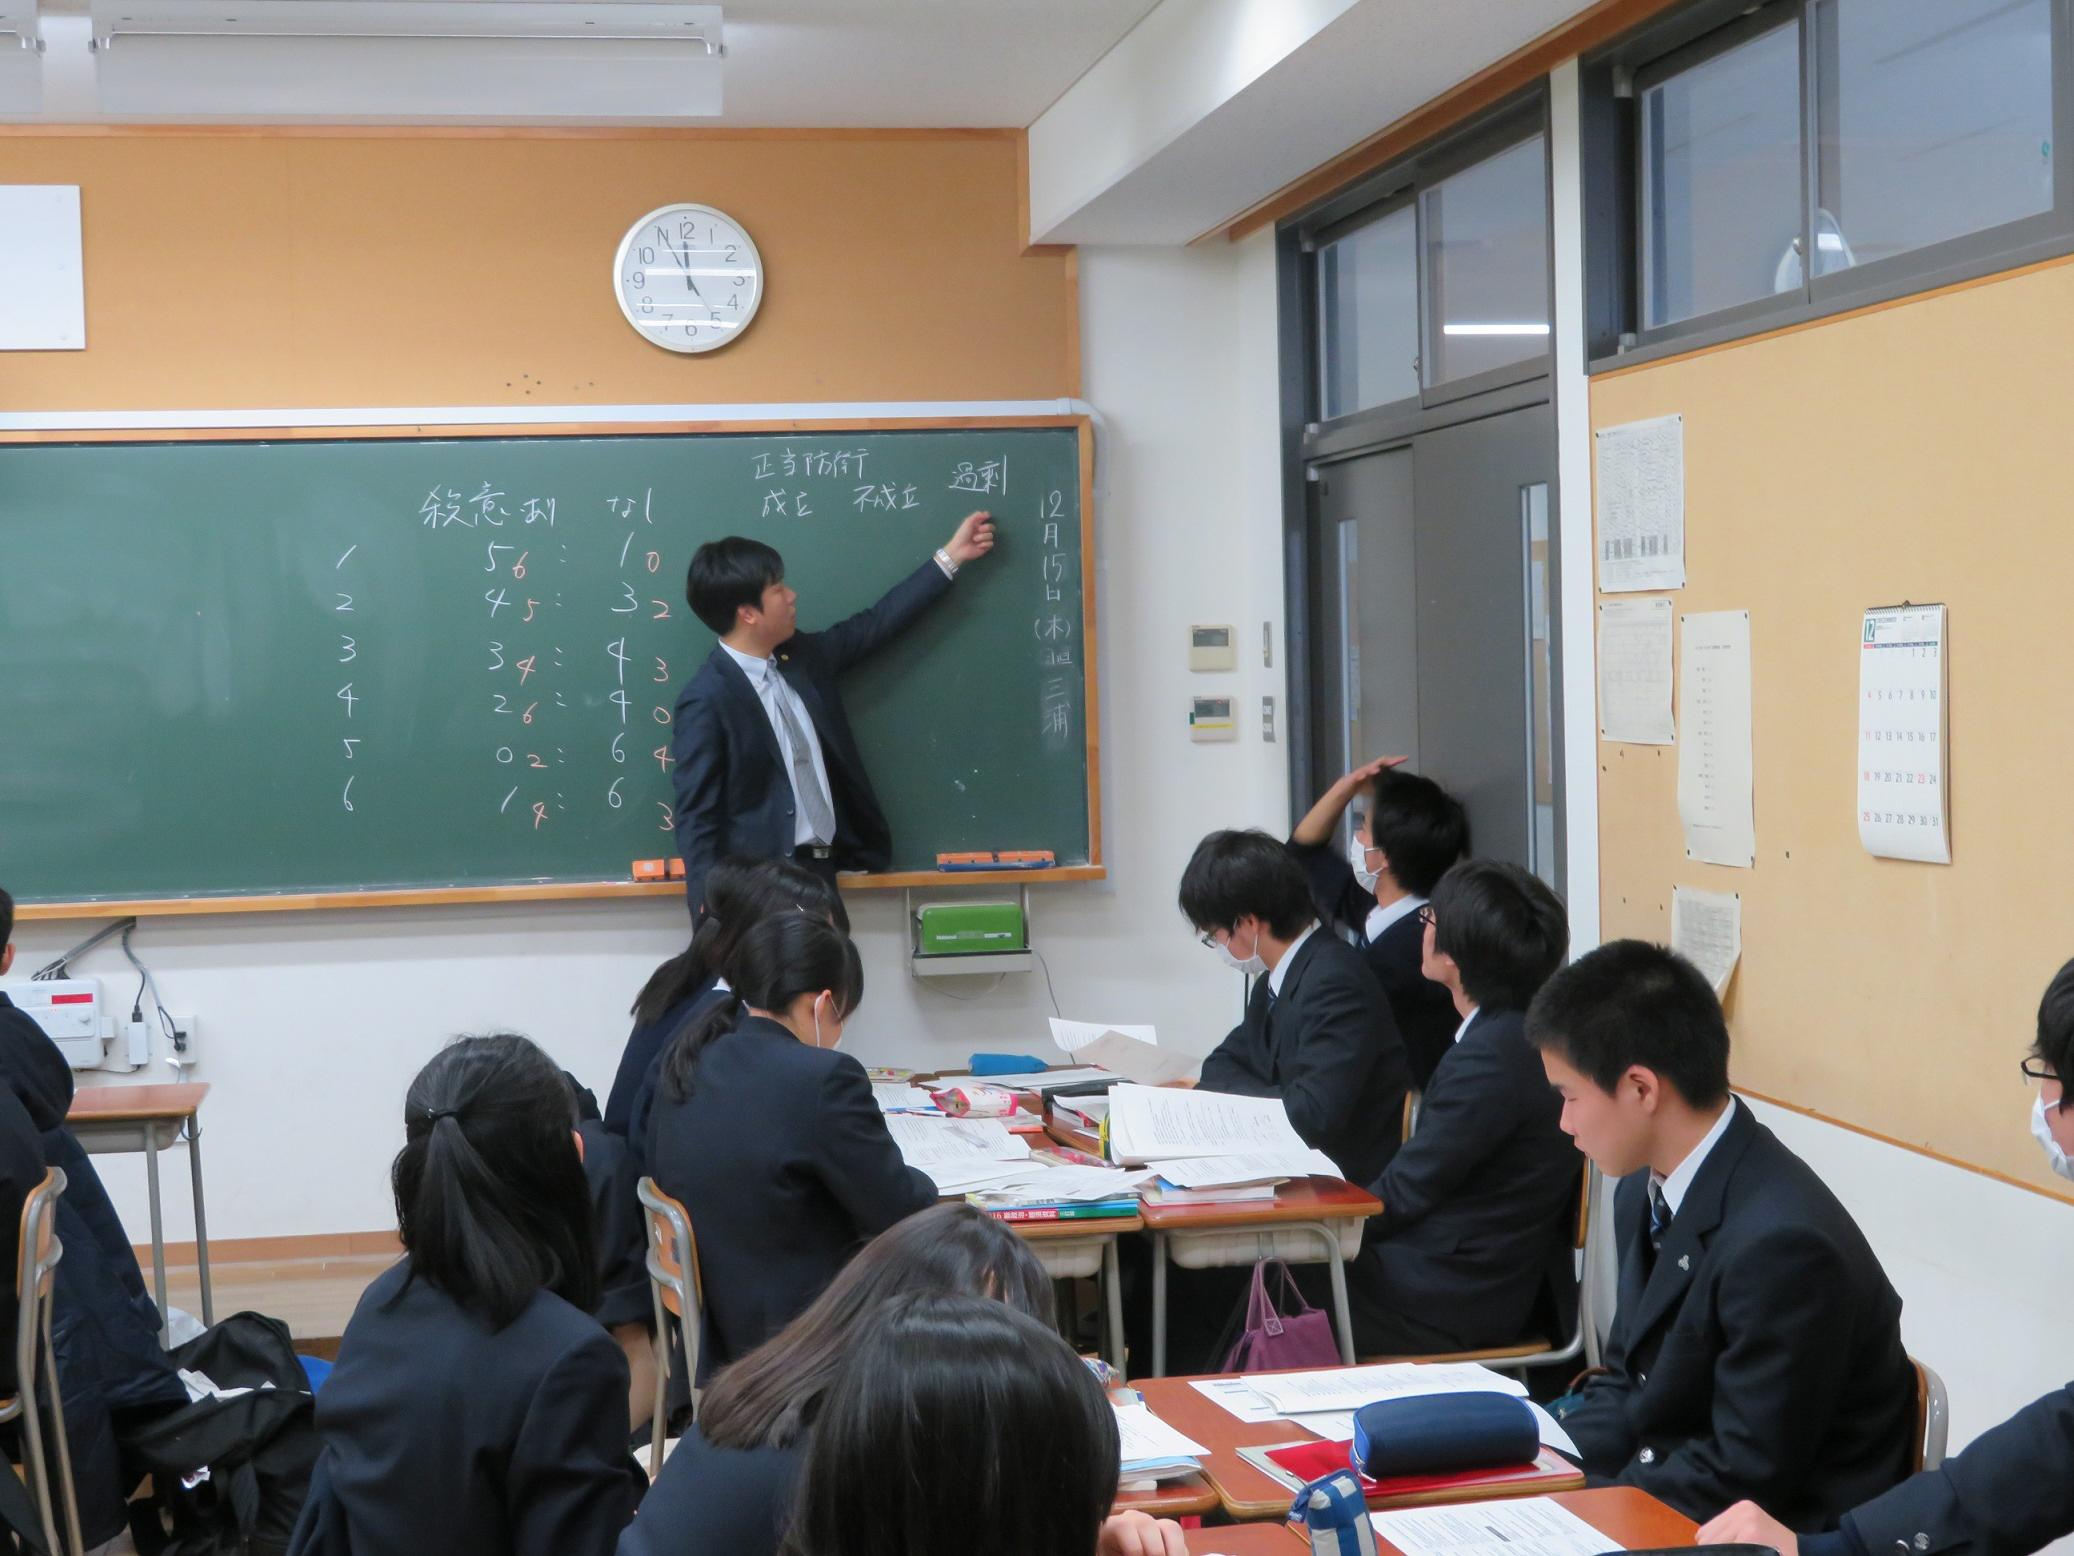 学校 三鷹 中等 教育